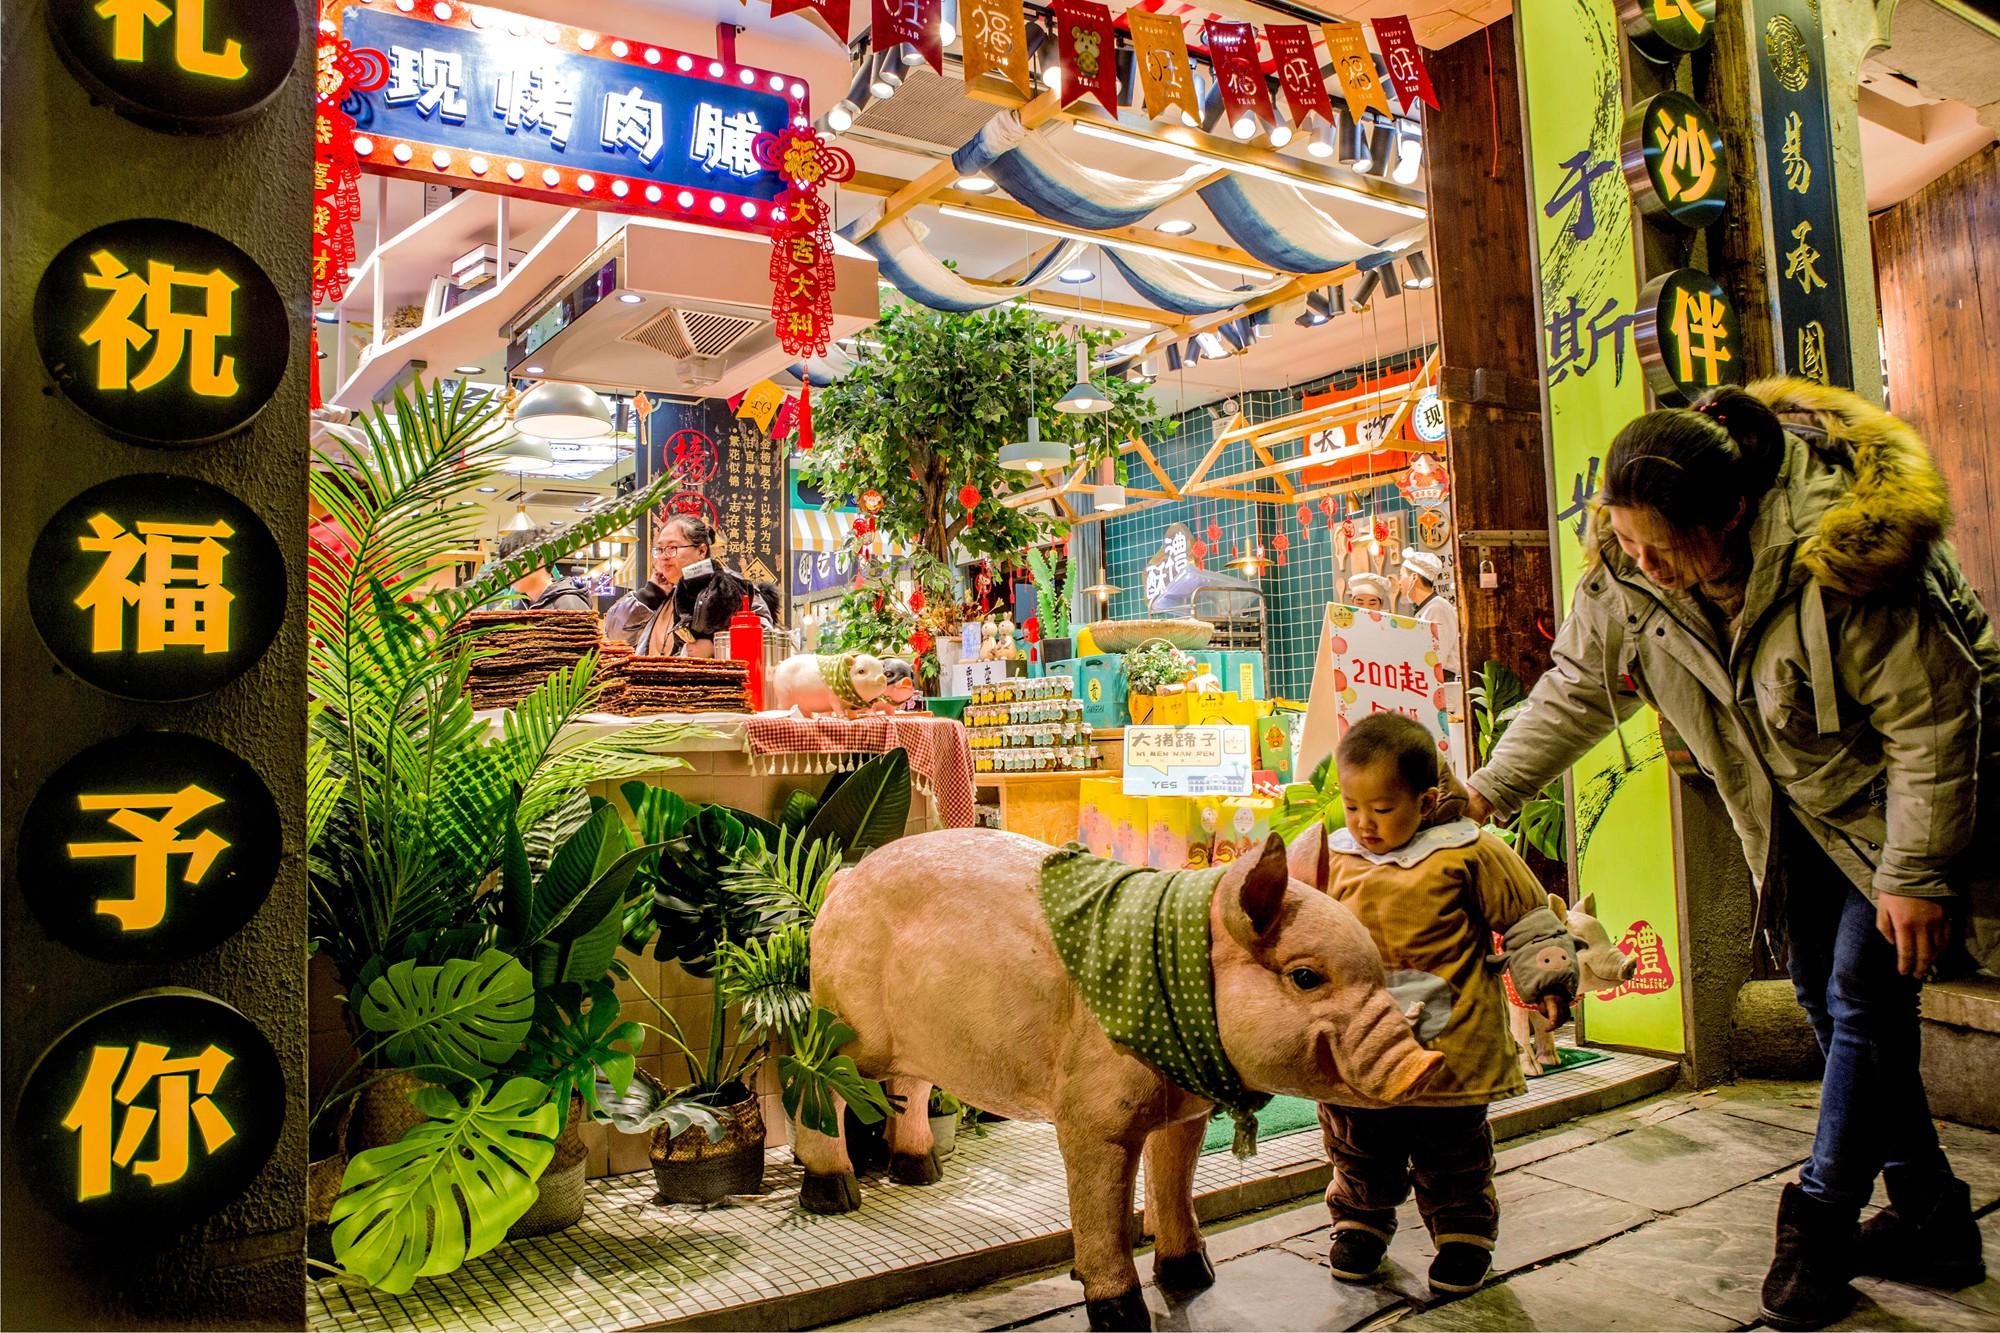 【22号作品:魅力店铺】 古老的街道,店铺独具特色的摆设引来孩童专注的目光,童趣油然而生。